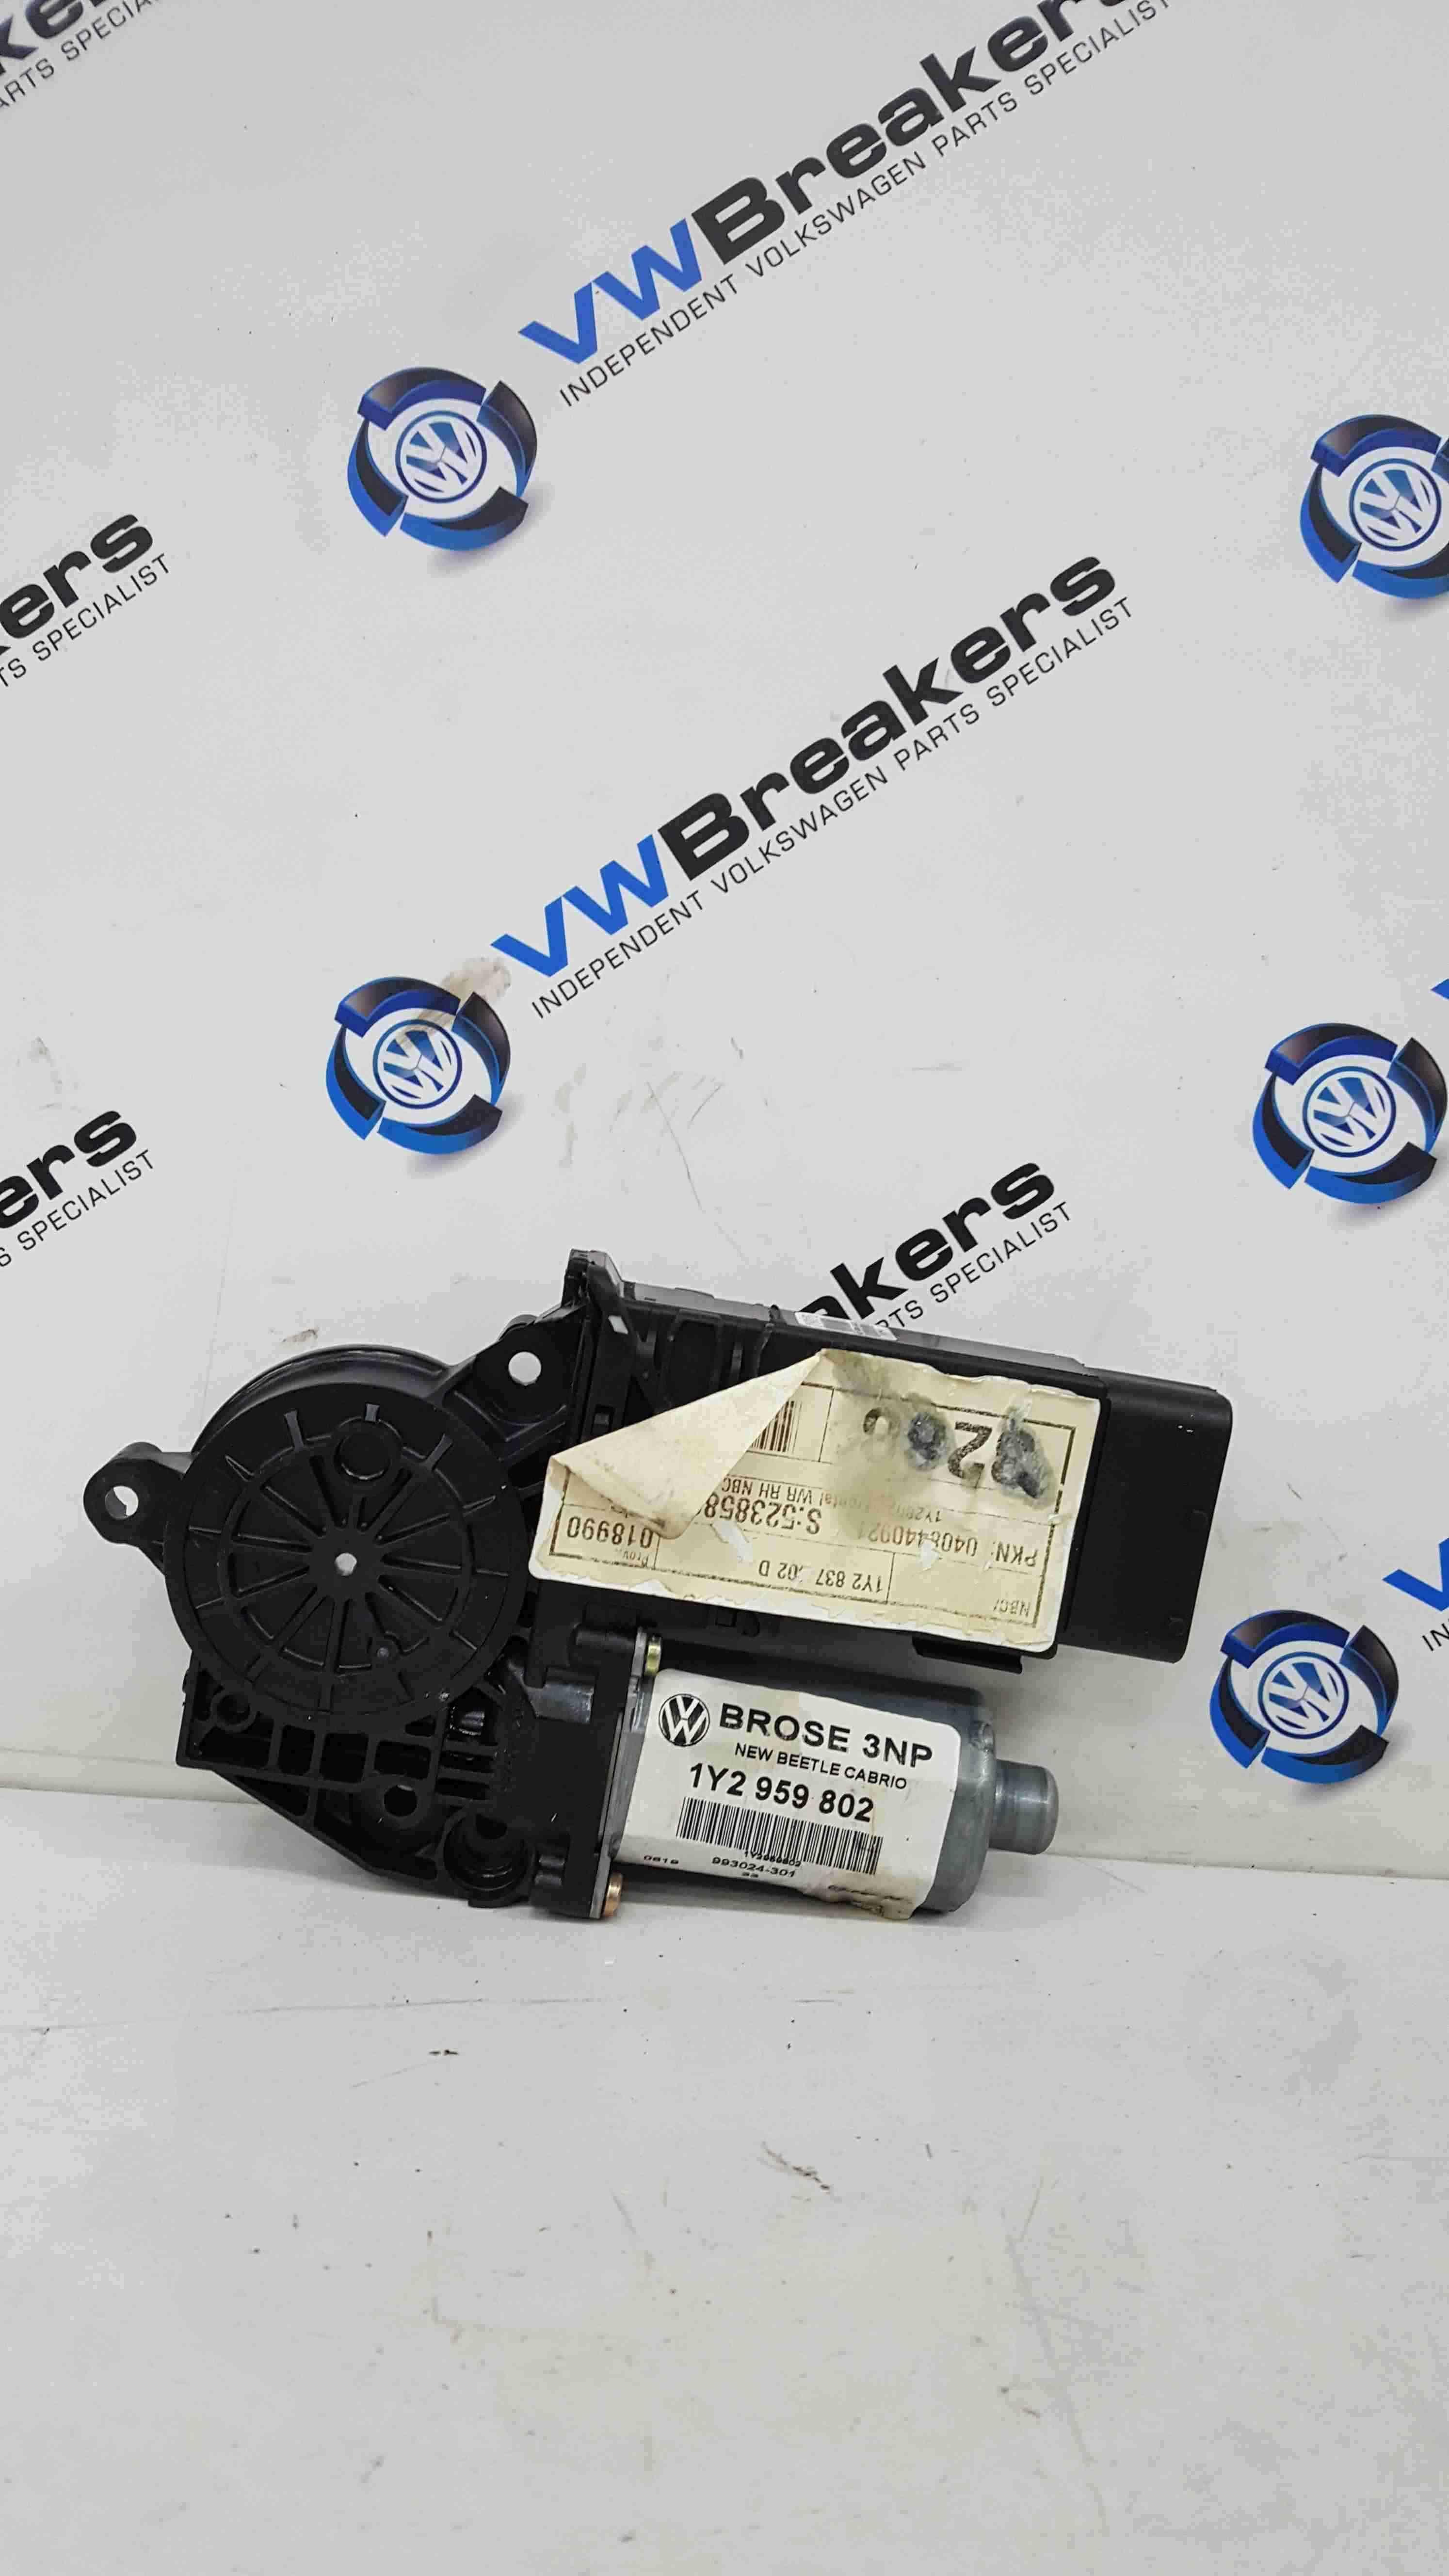 Volkswagen Beetle Convertible 2002-2011 Drivers OSF Front Window Motor 1Y2959802